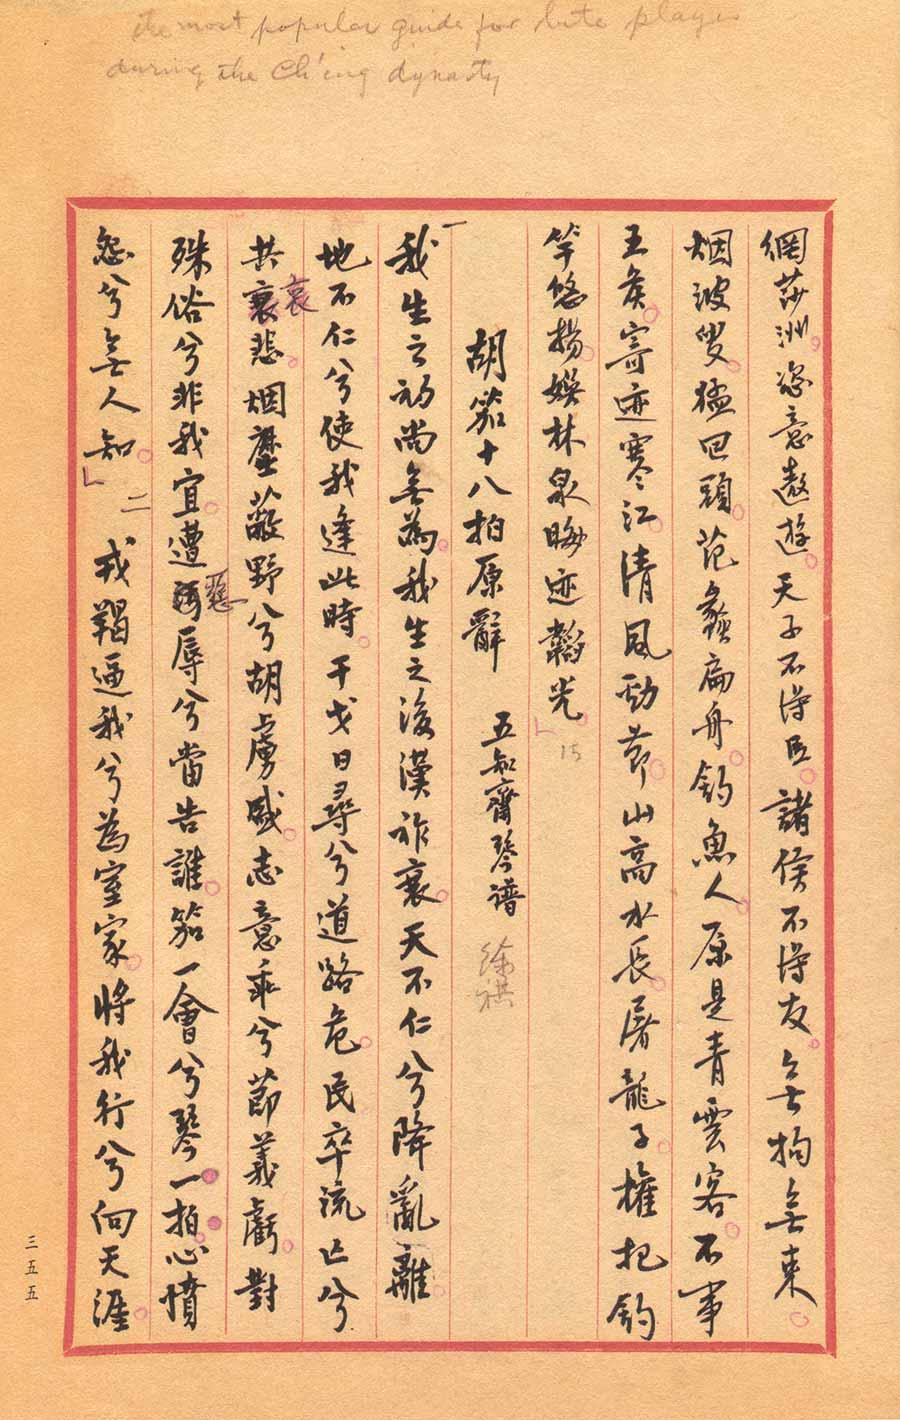 Manuscrit du Chant du Pêcheur. p. 4, par Cai Laoshi